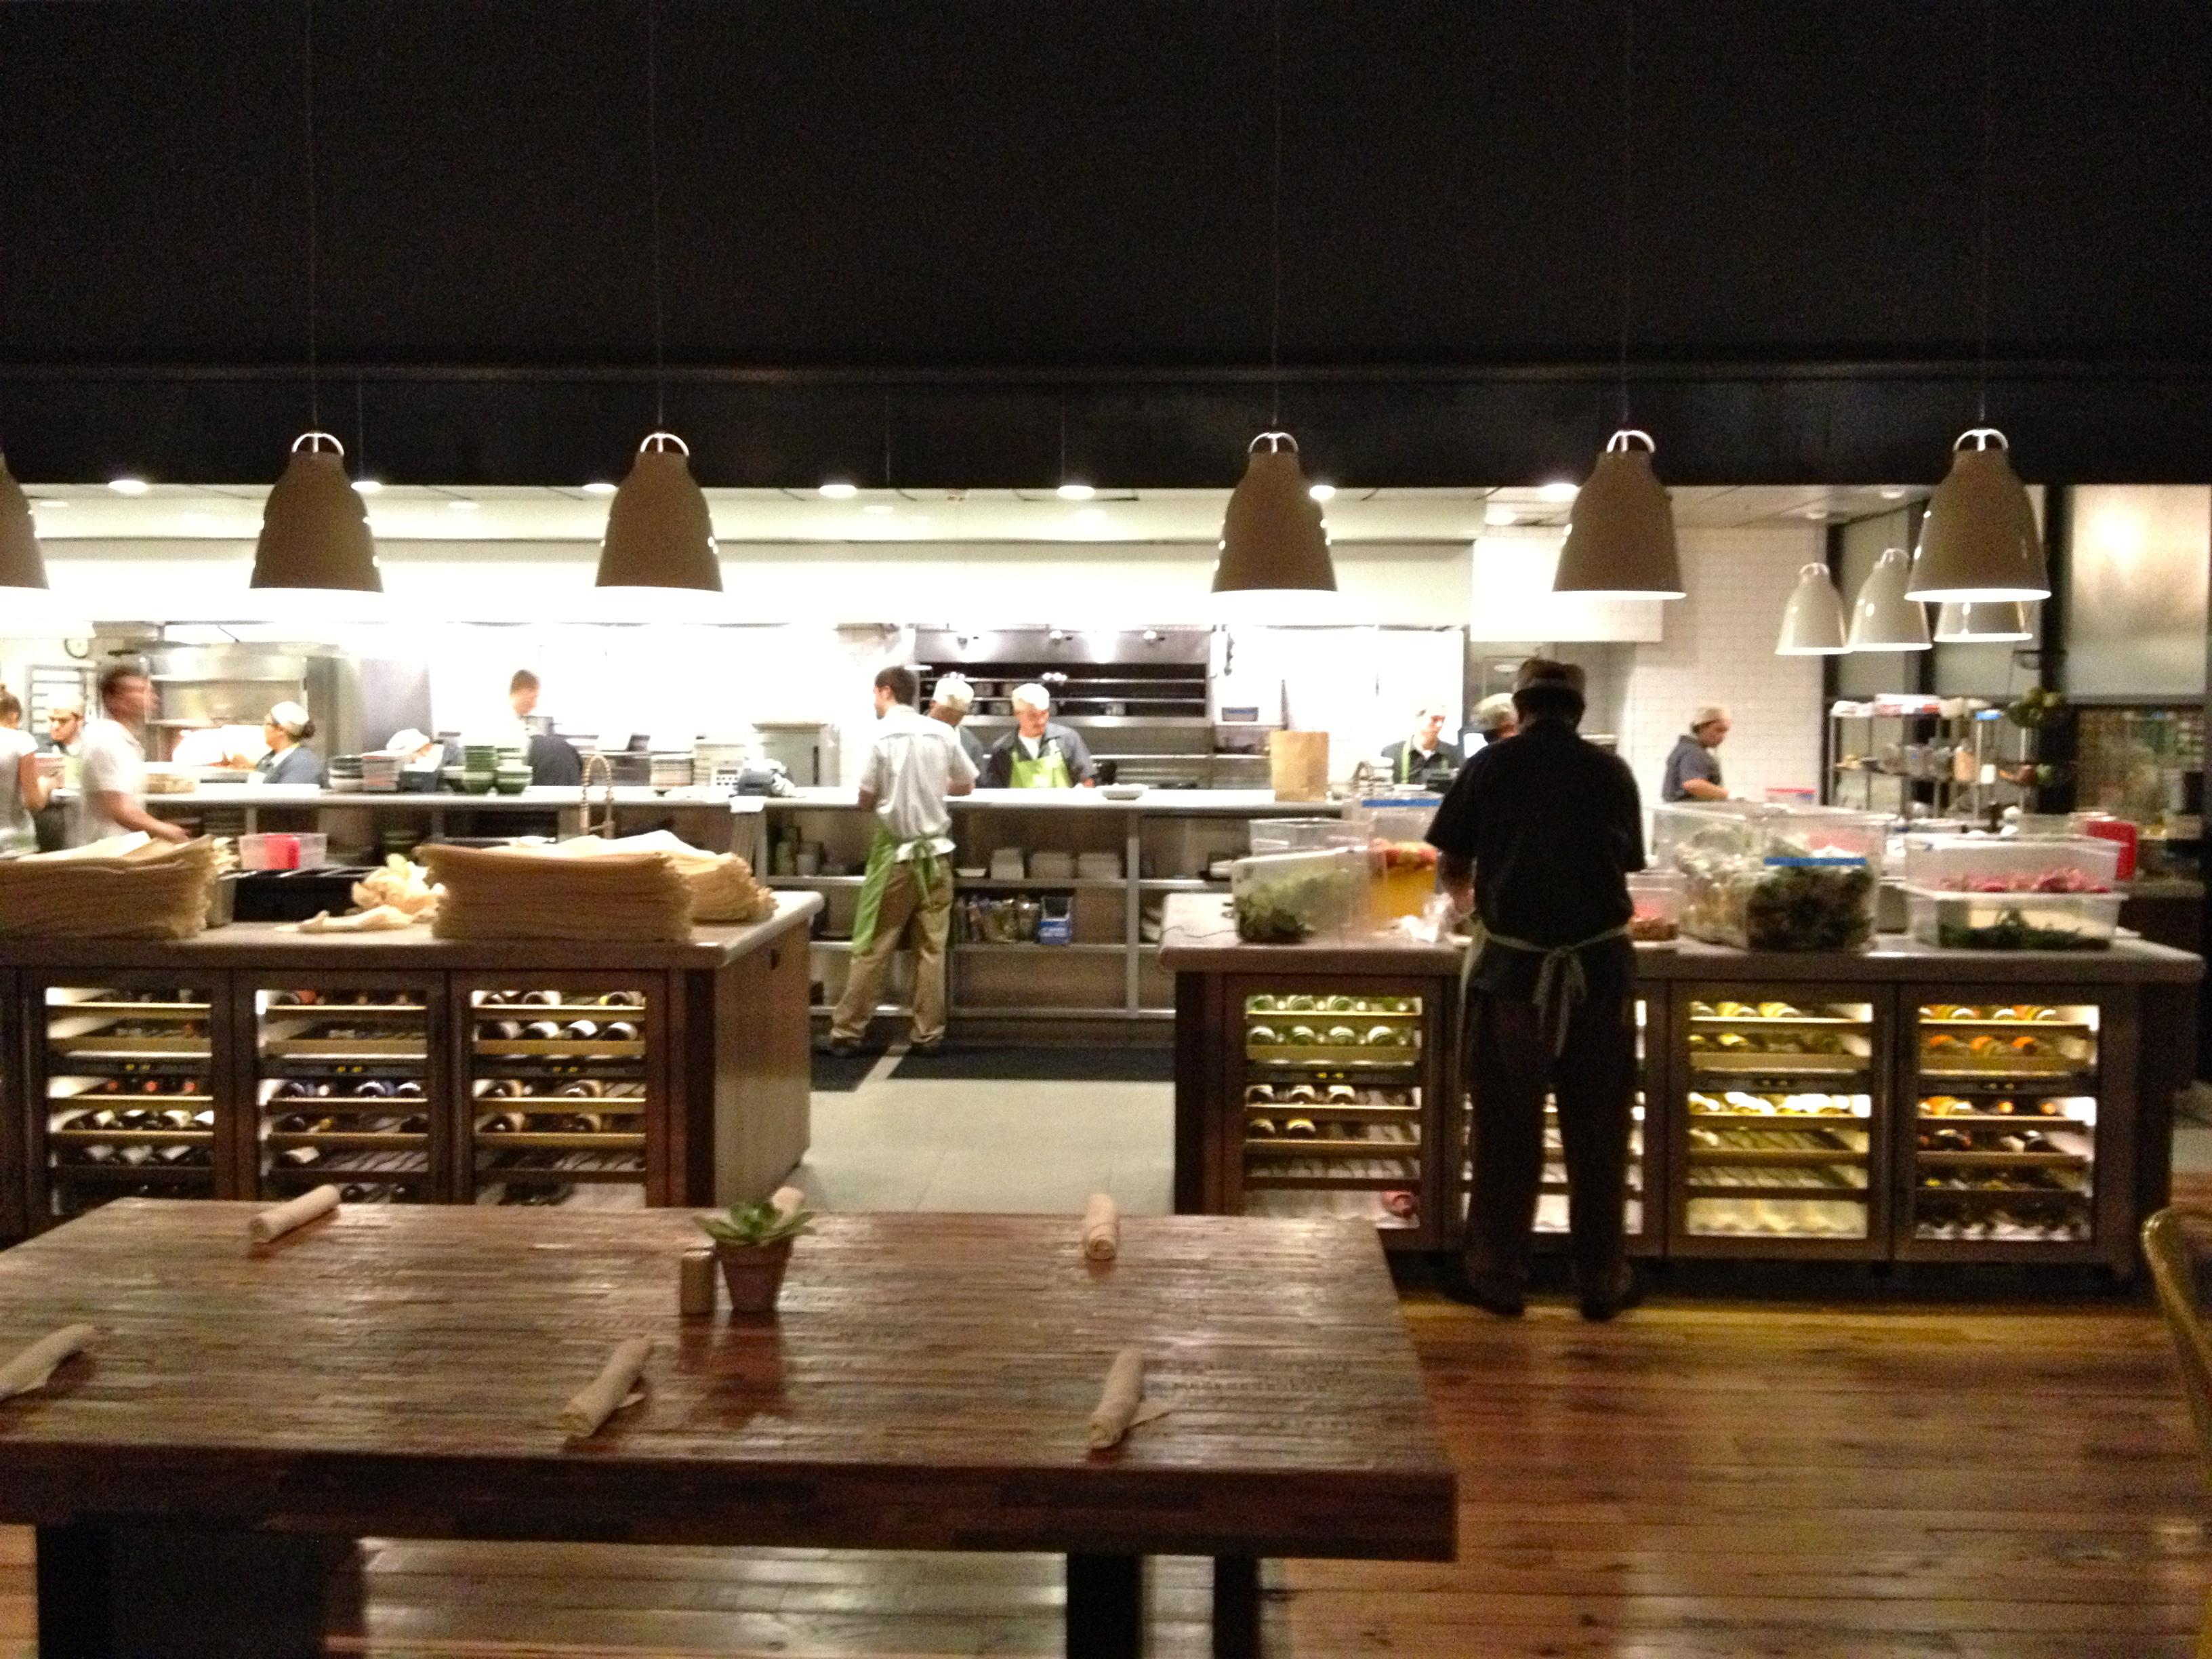 busy restaurant kitchen - interior design